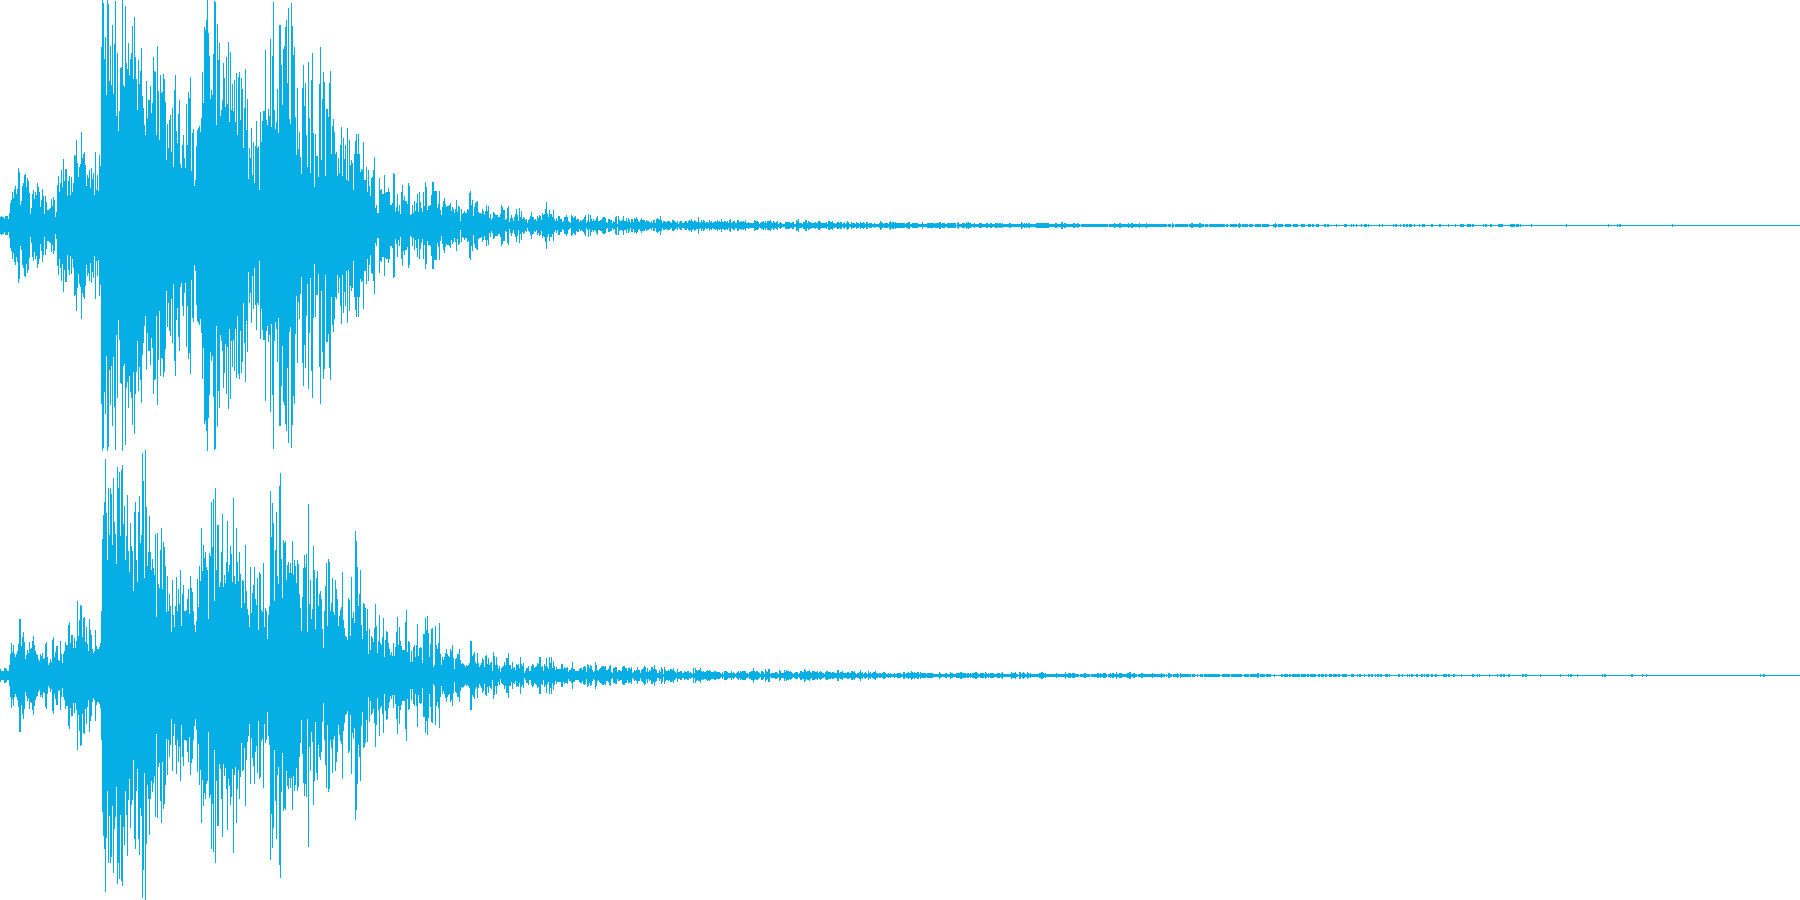 【機械/ロボット系017】動作、装着等の再生済みの波形